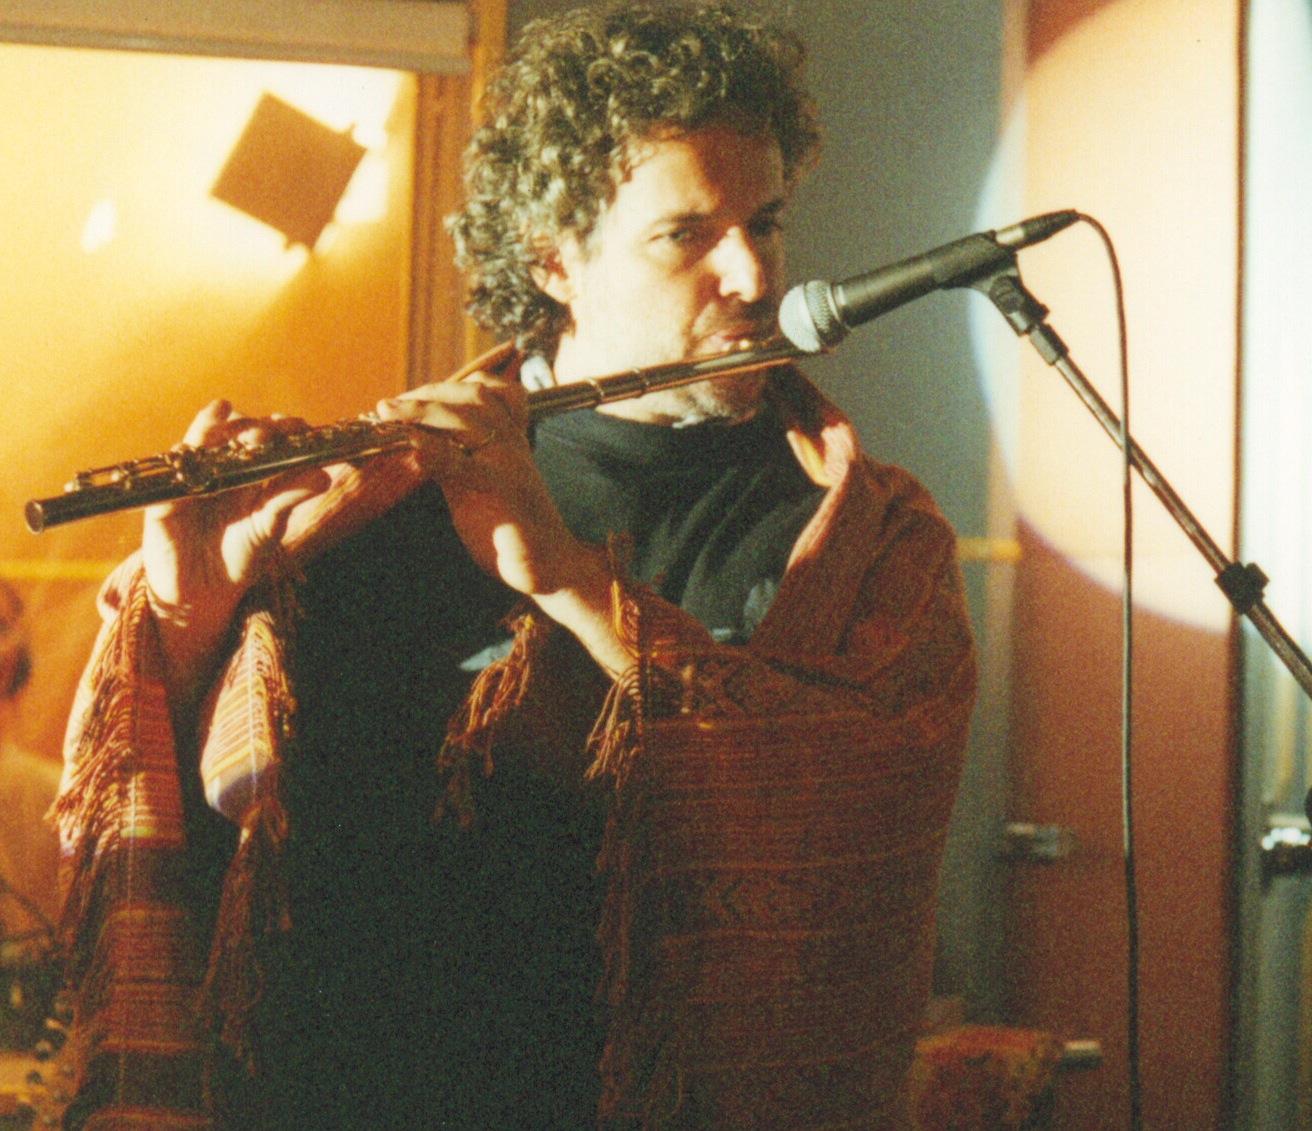 SB on Flute